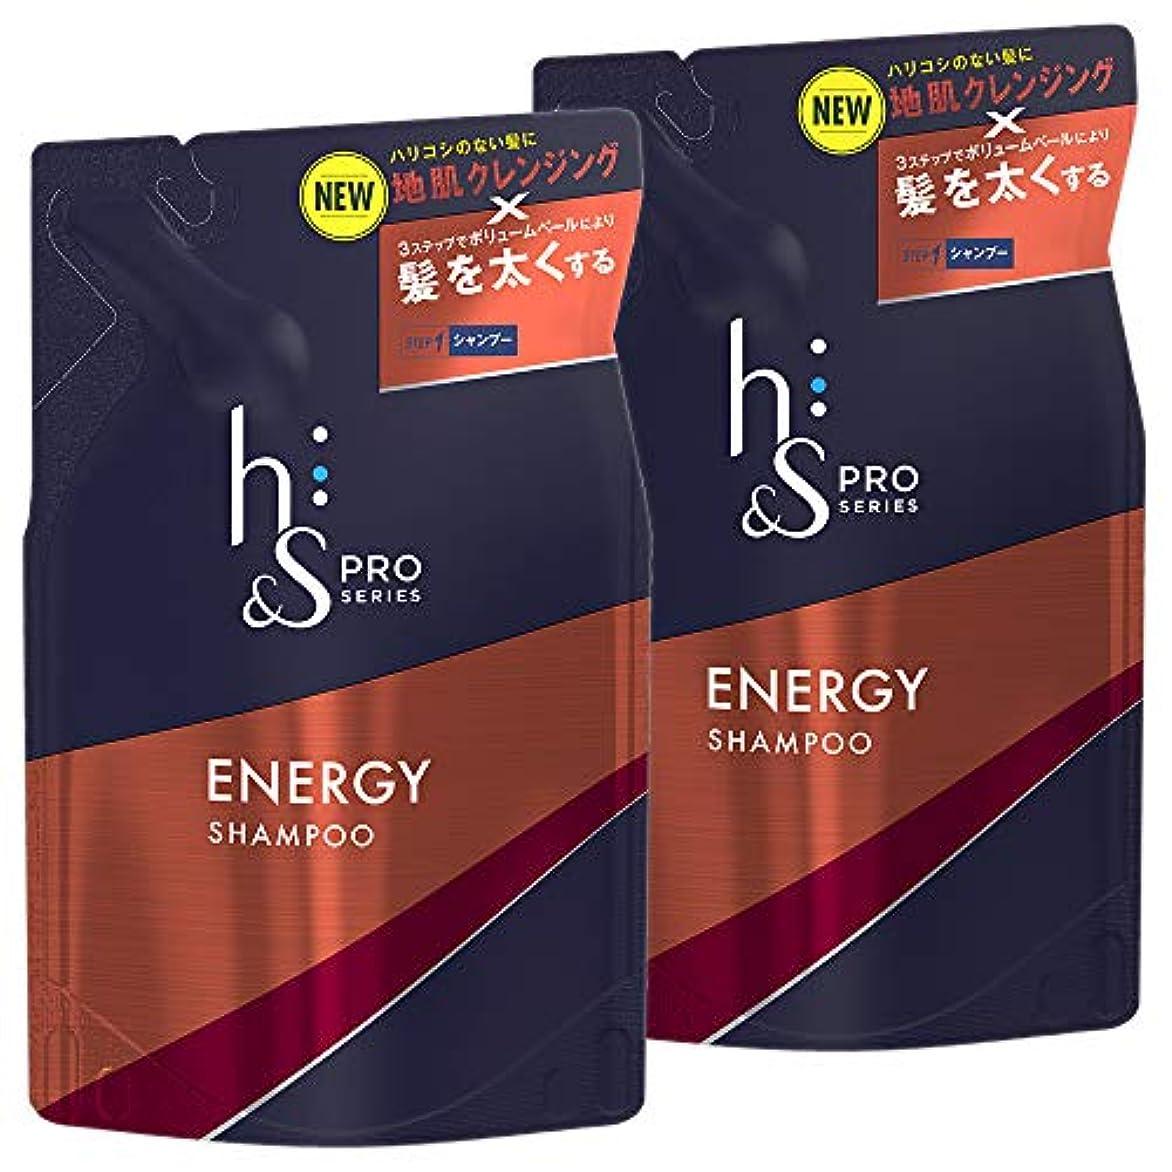 スクリーチホイットニーカテゴリー【まとめ買い】 h&s for men シャンプー PRO Series エナジー 詰め替え 300mL×2個